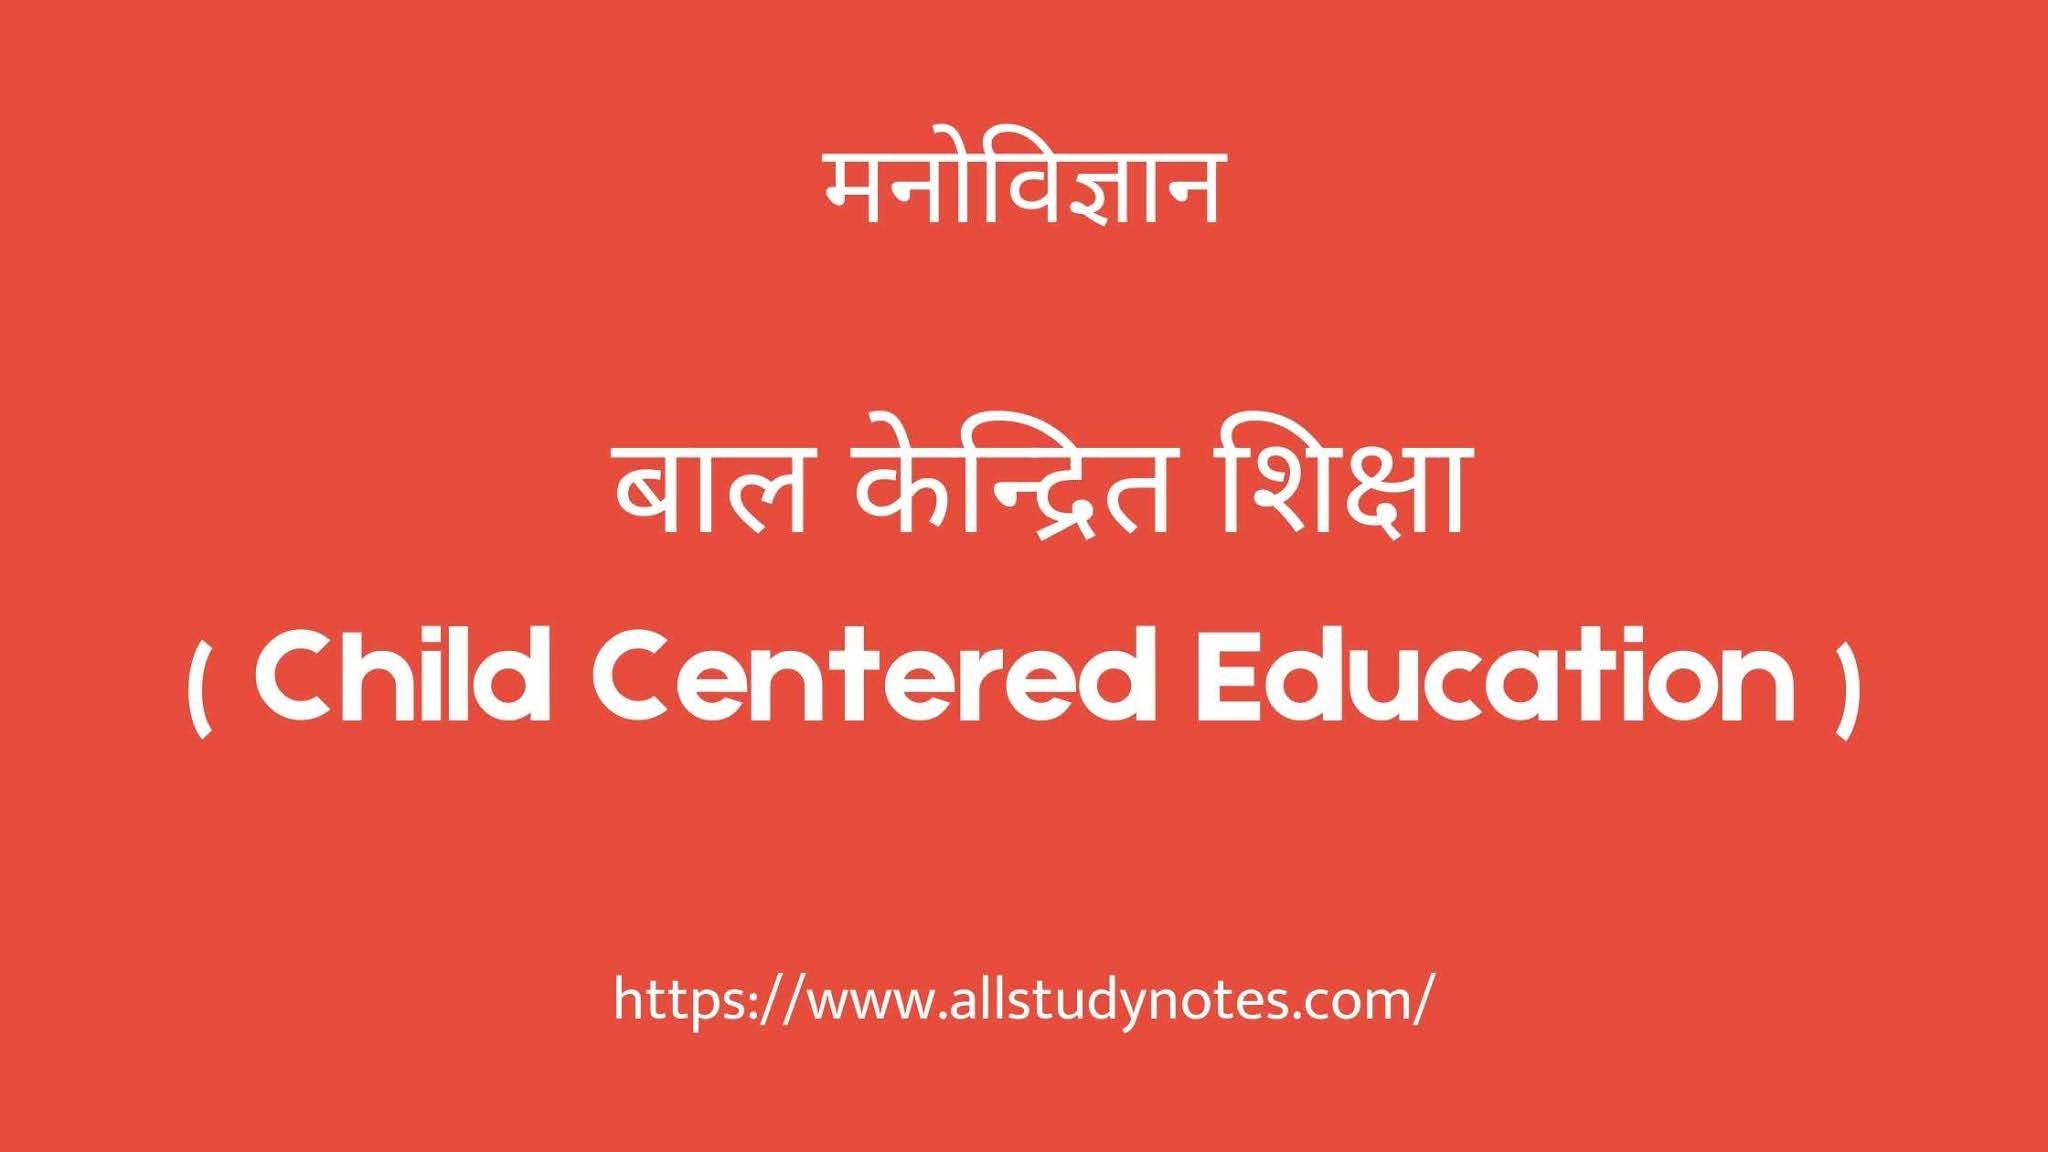 बाल केन्द्रित शिक्षा